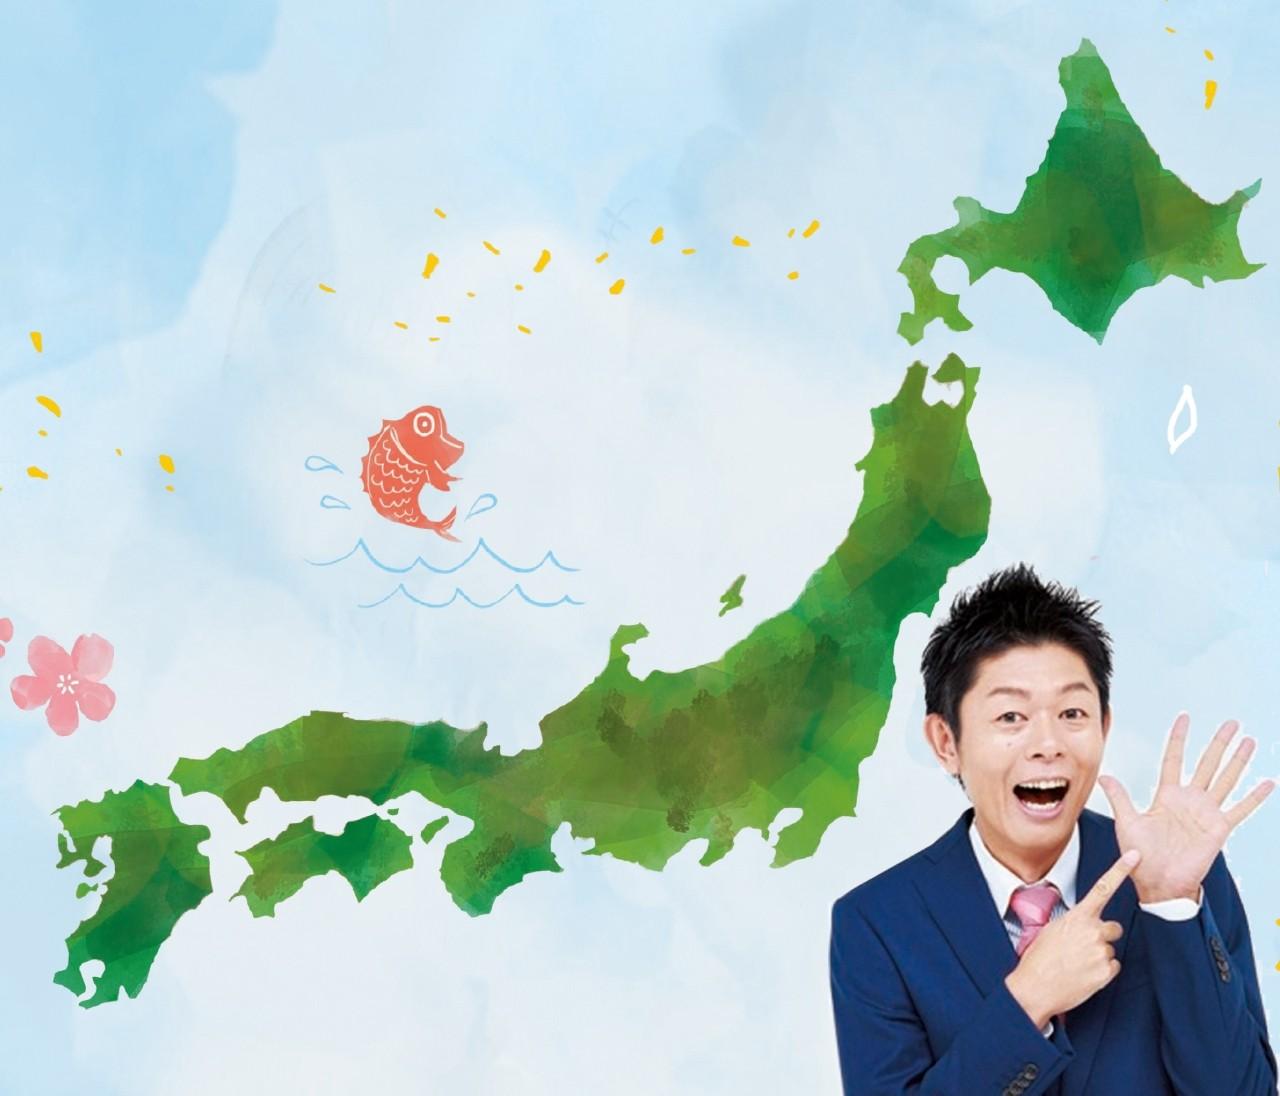 【2020開運】占い芸人・島田秀平さんが教えるパワースポットや参拝方法まとめ